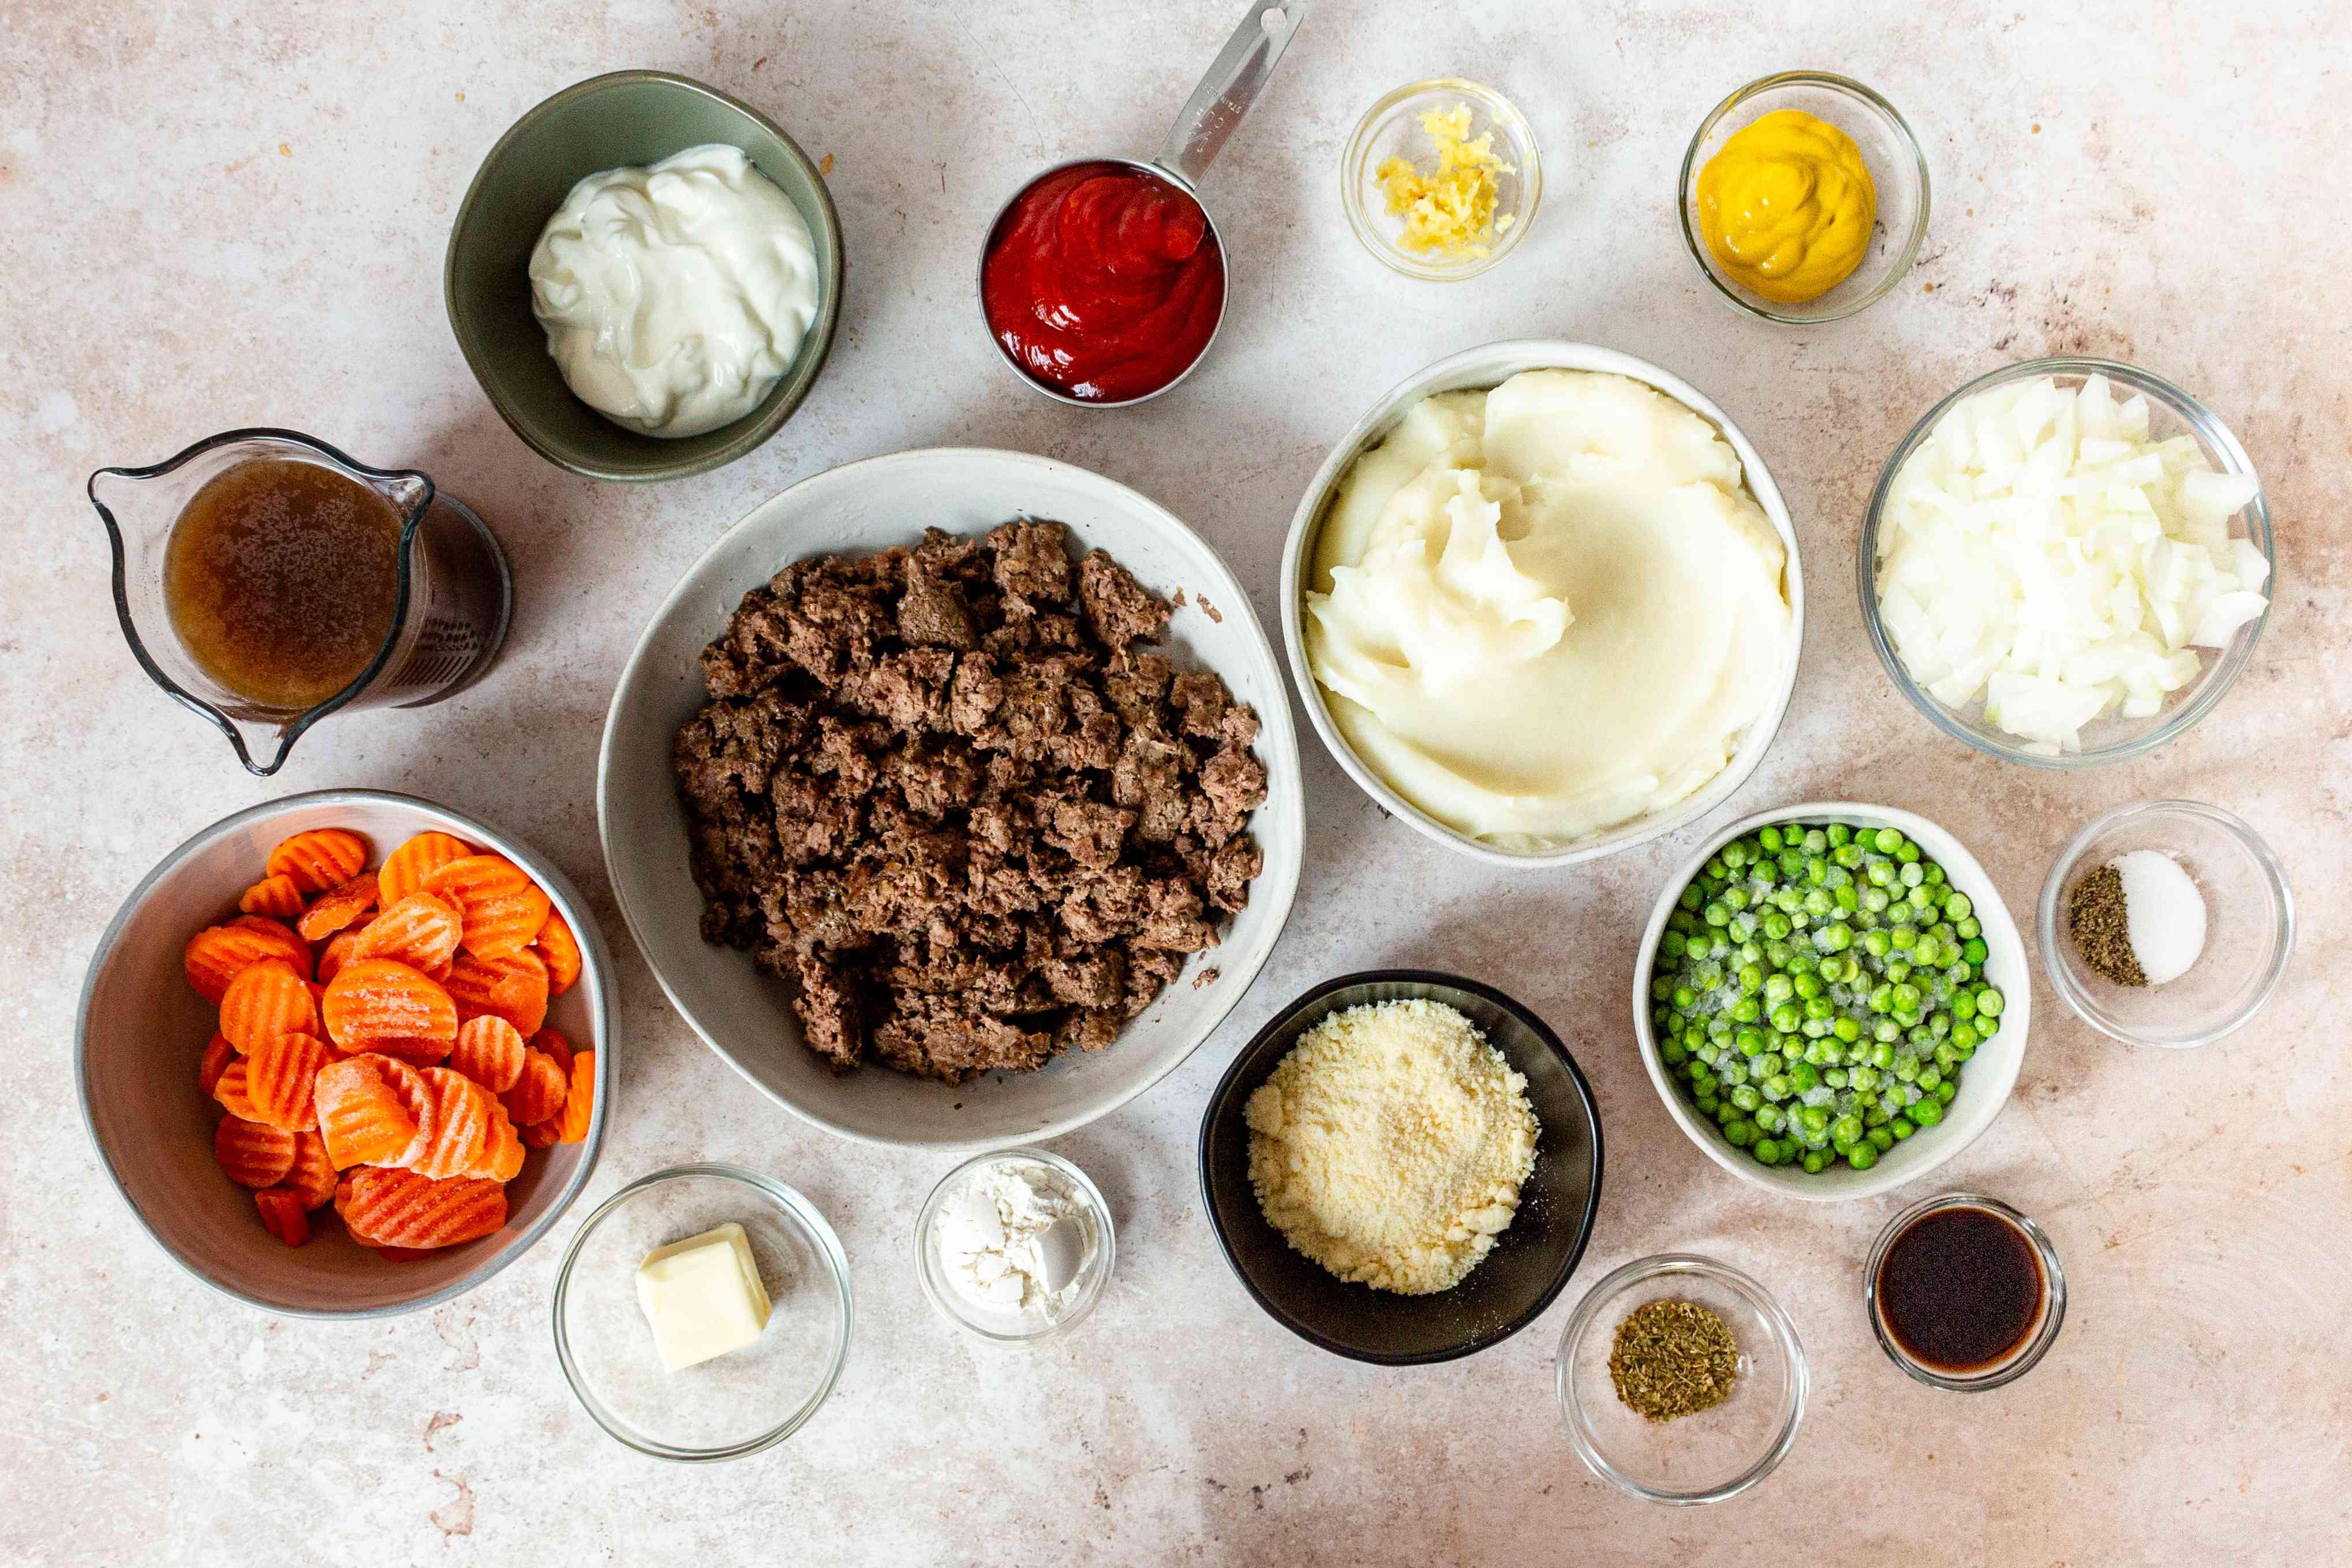 Meatloaf Shepherd's Pie ingredients